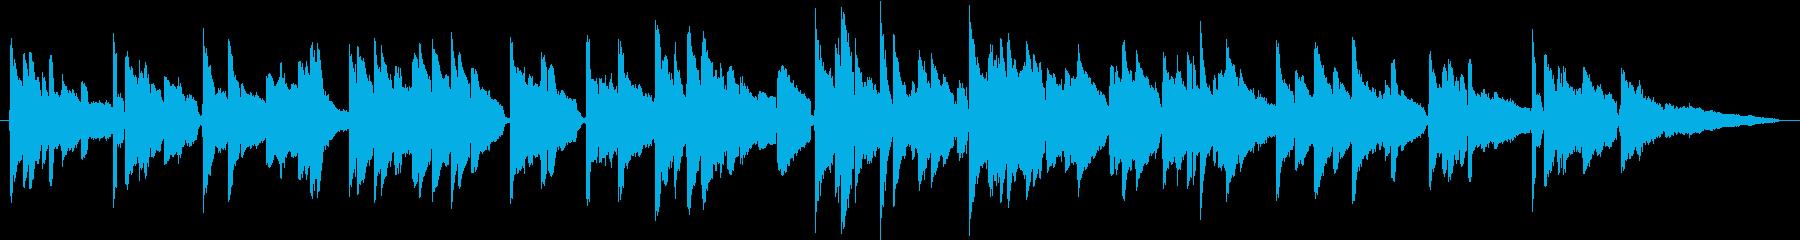 優しく切ないクリーンギターのバラードの再生済みの波形